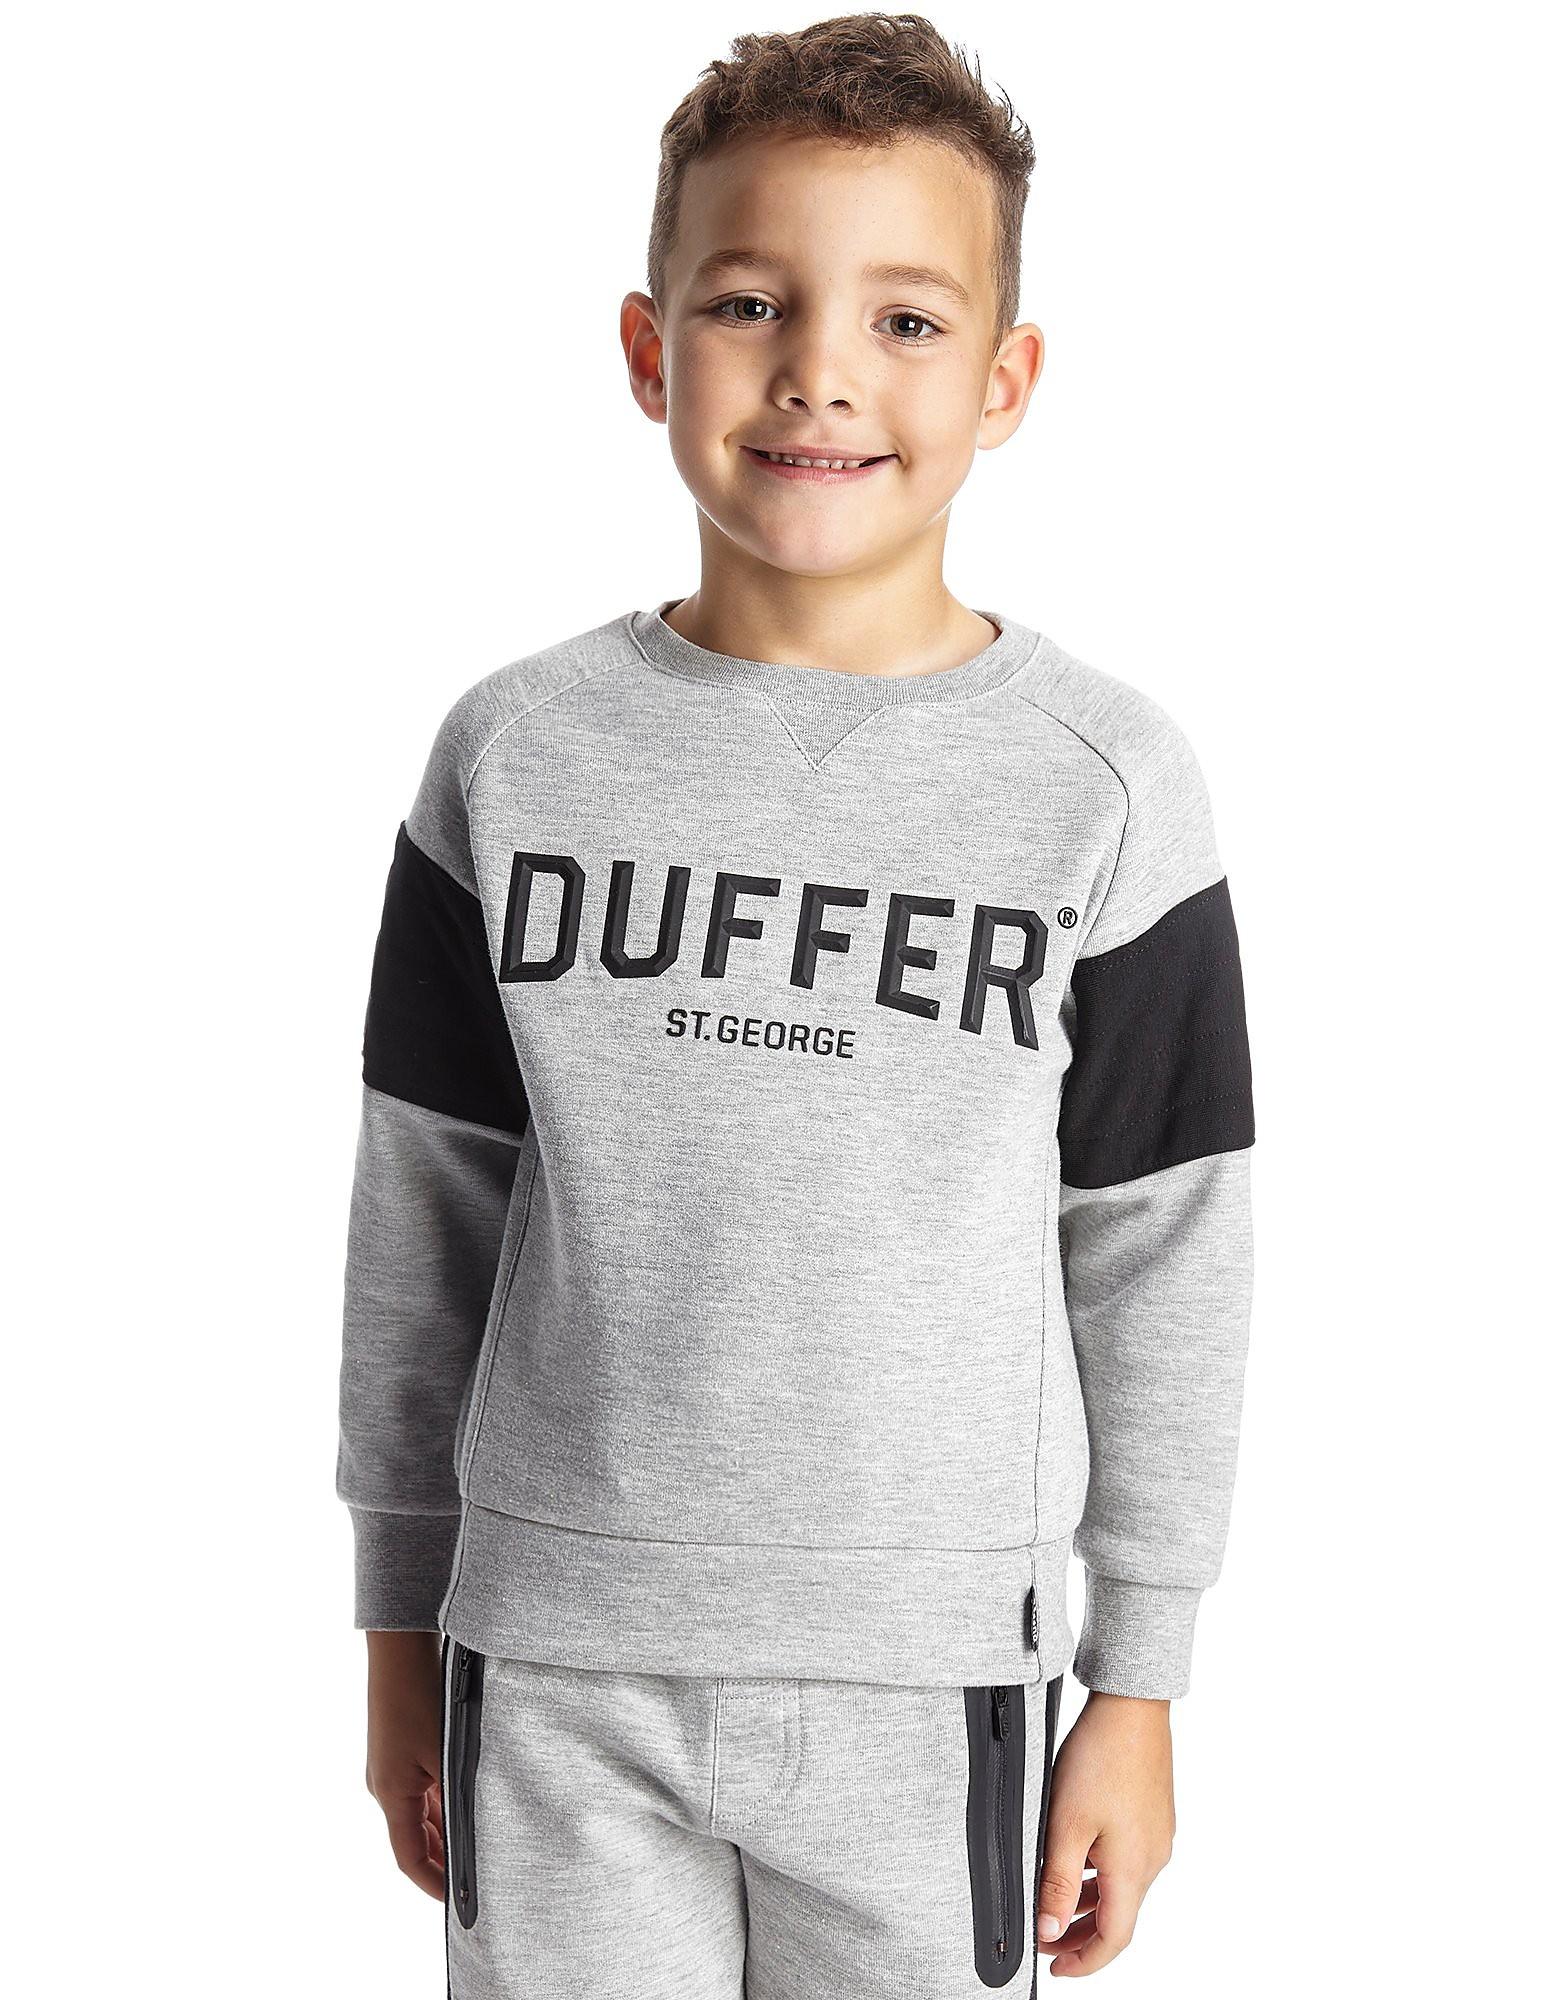 Duffer of St George Earl Kinder-Sweatshirt mit Rundhalsausschnitt